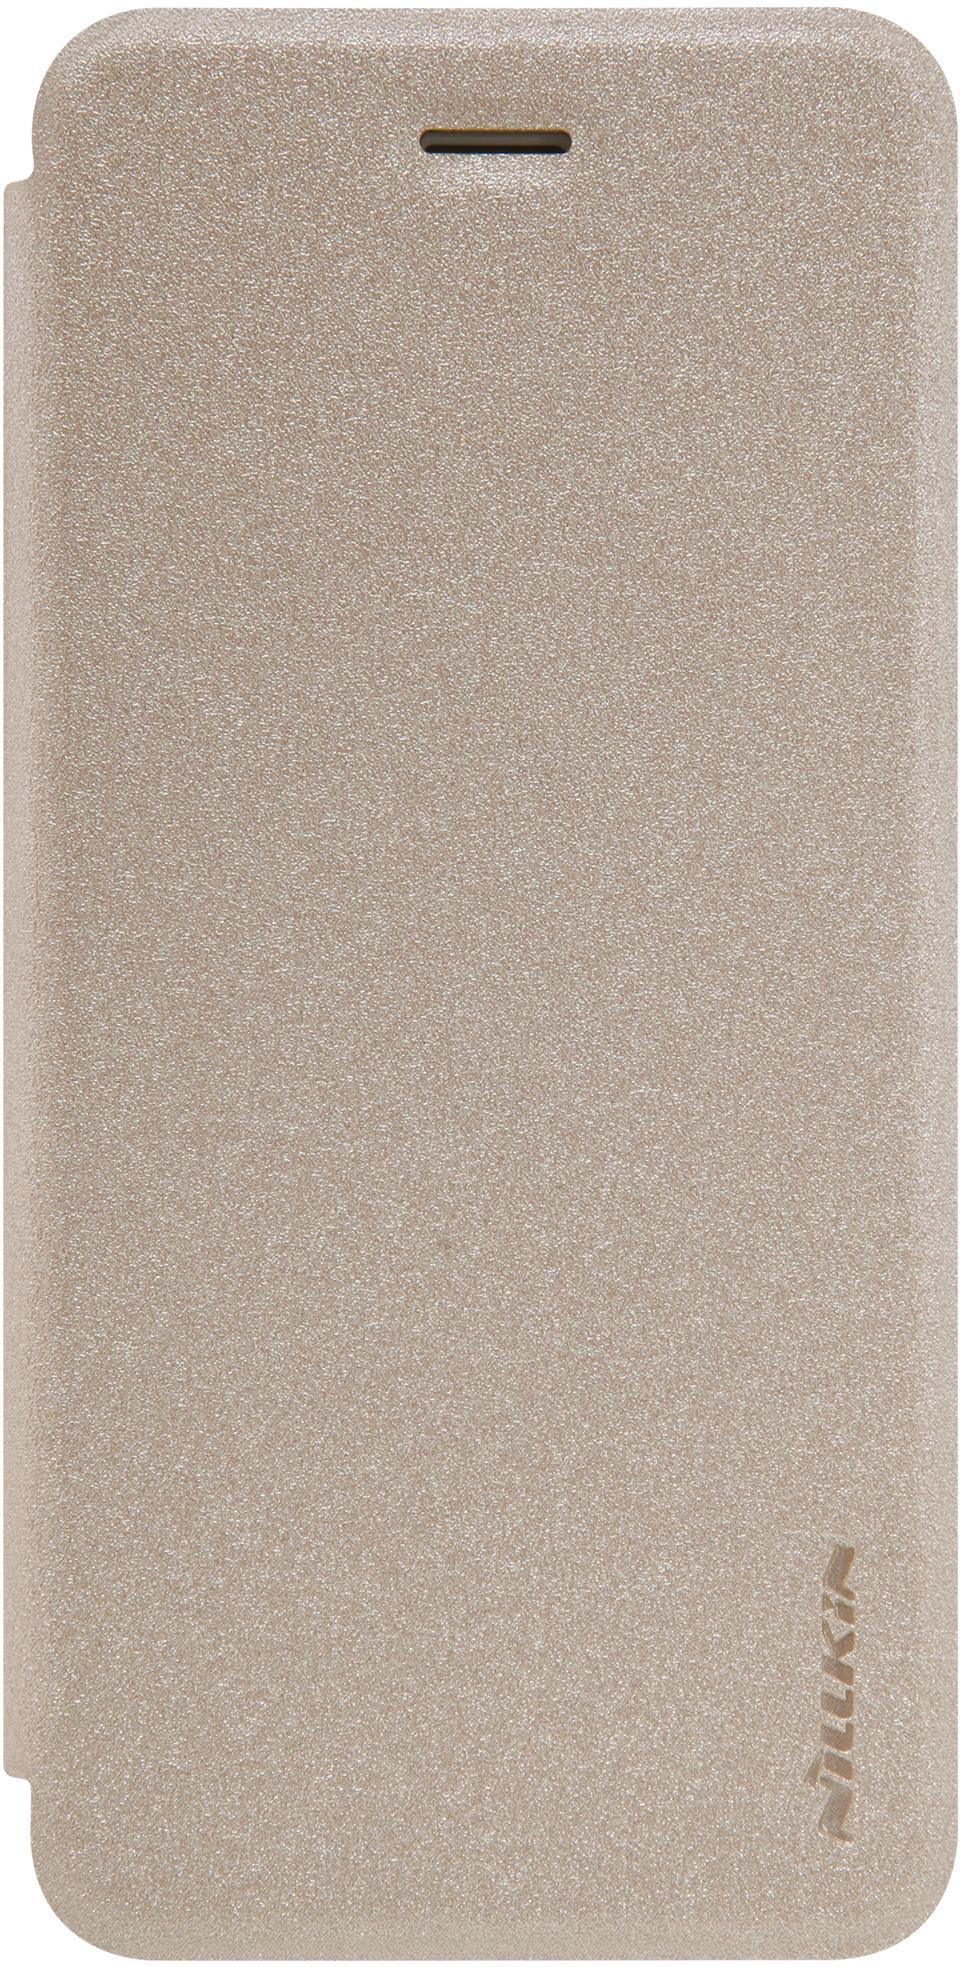 Чехол Nillkin Sparkle для iPhone 7, 6902048127432, золотистый